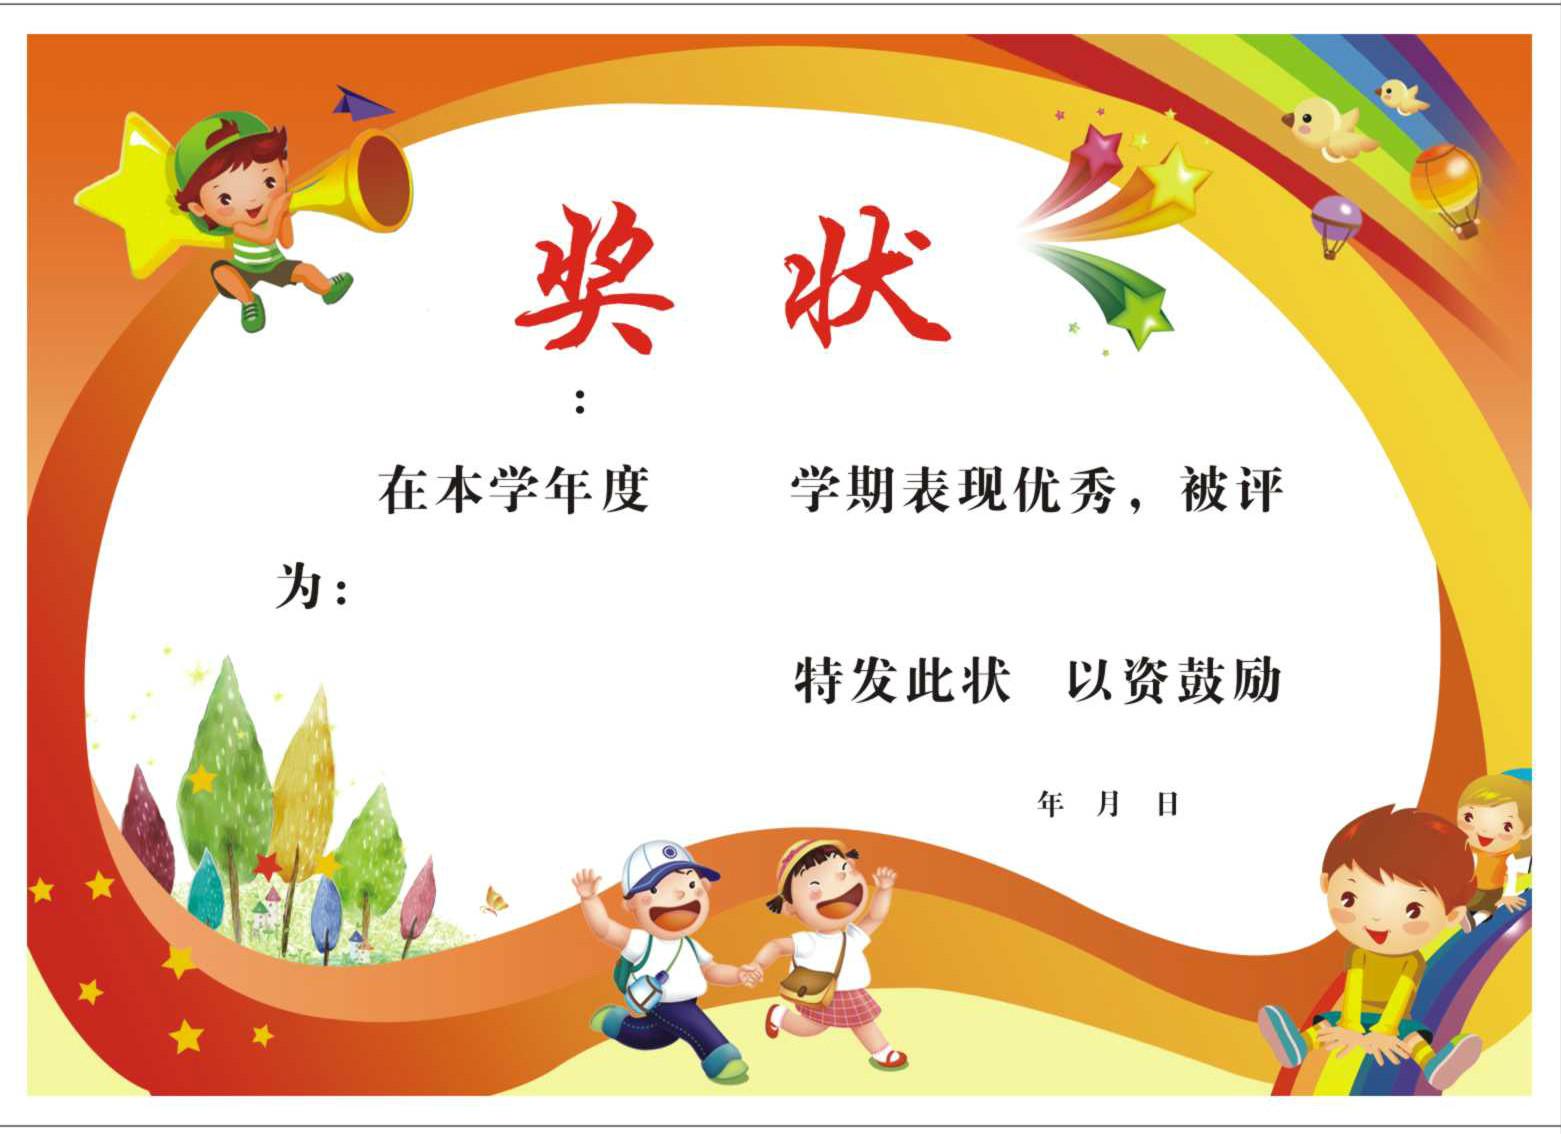 500张包邮 32k16k 新款带字卡通奖状纸幼儿园奖状小图片